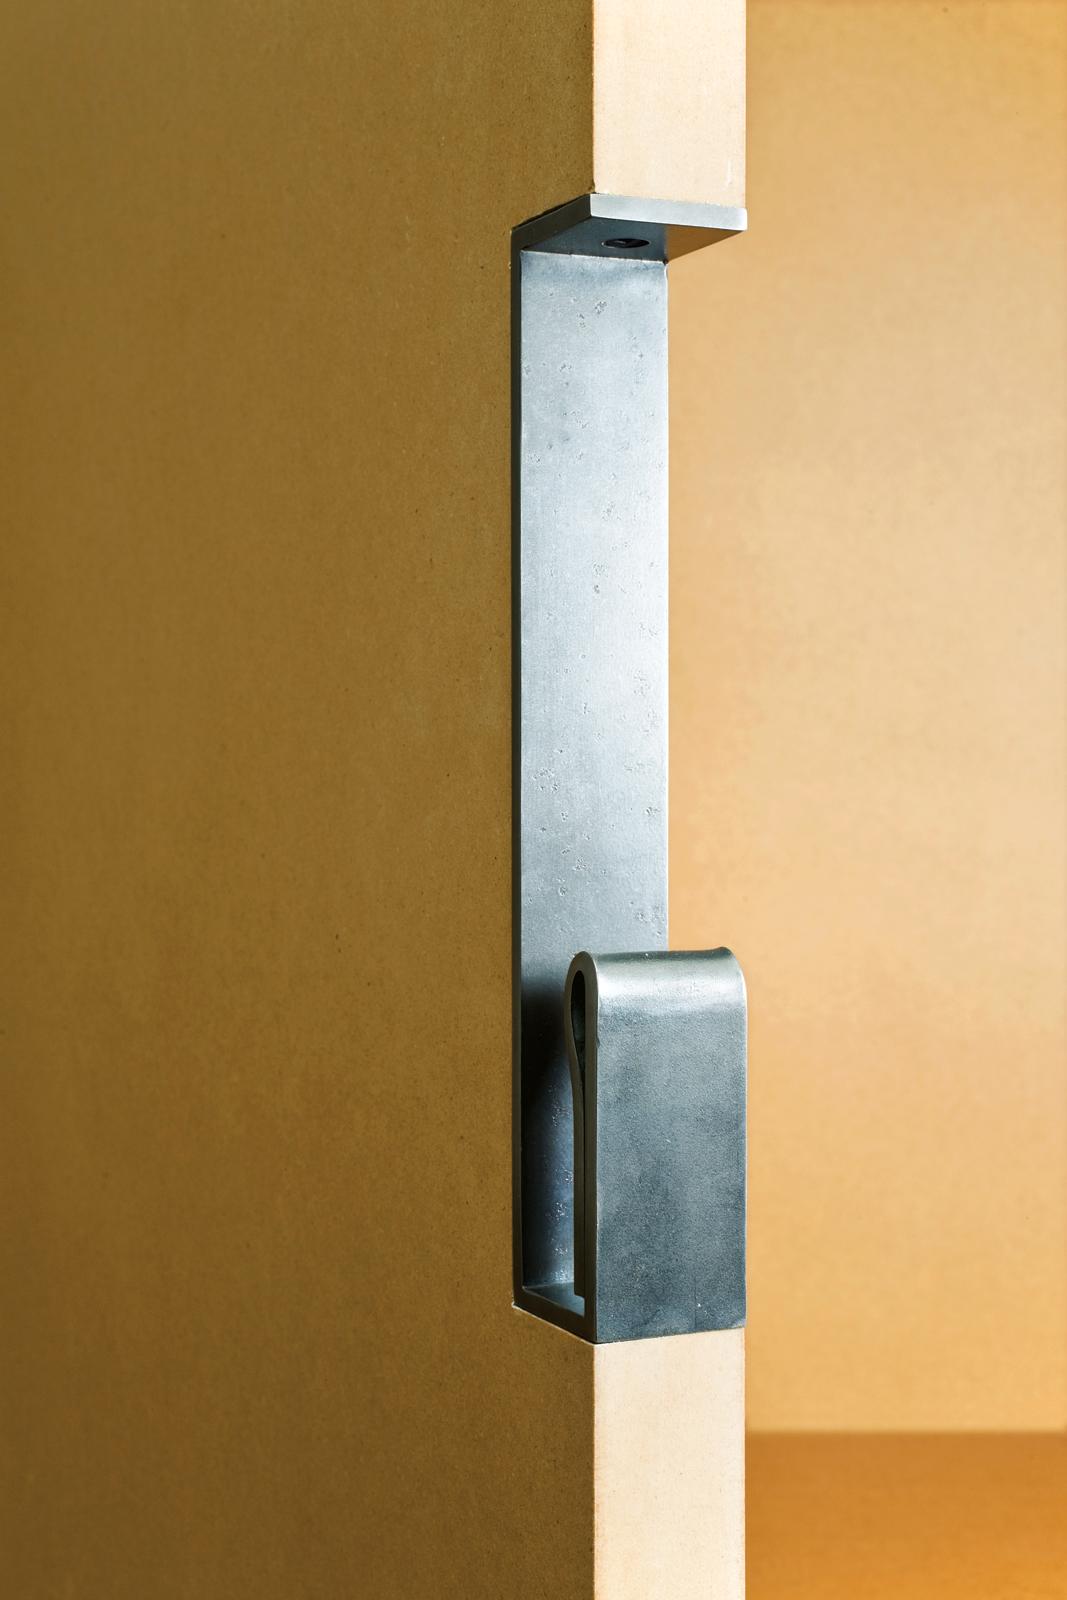 Powder-coated steel door handle by Tom Kundig